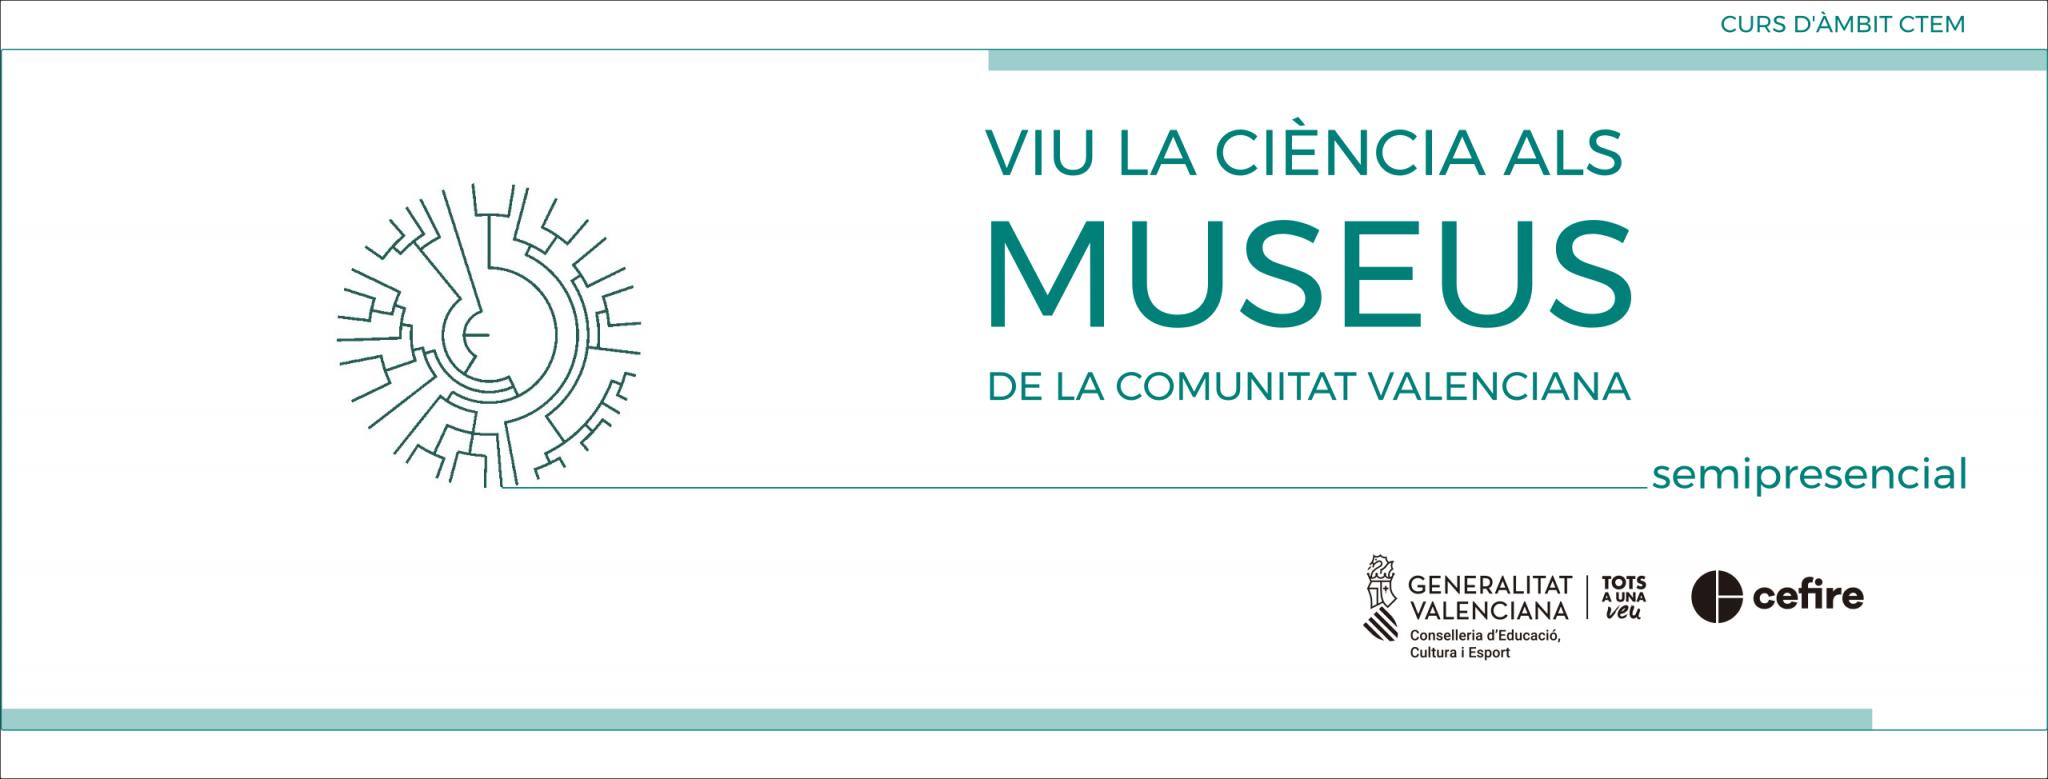 banner VIU LA CIÈNCIA ALS MUSEUS DE LA CV